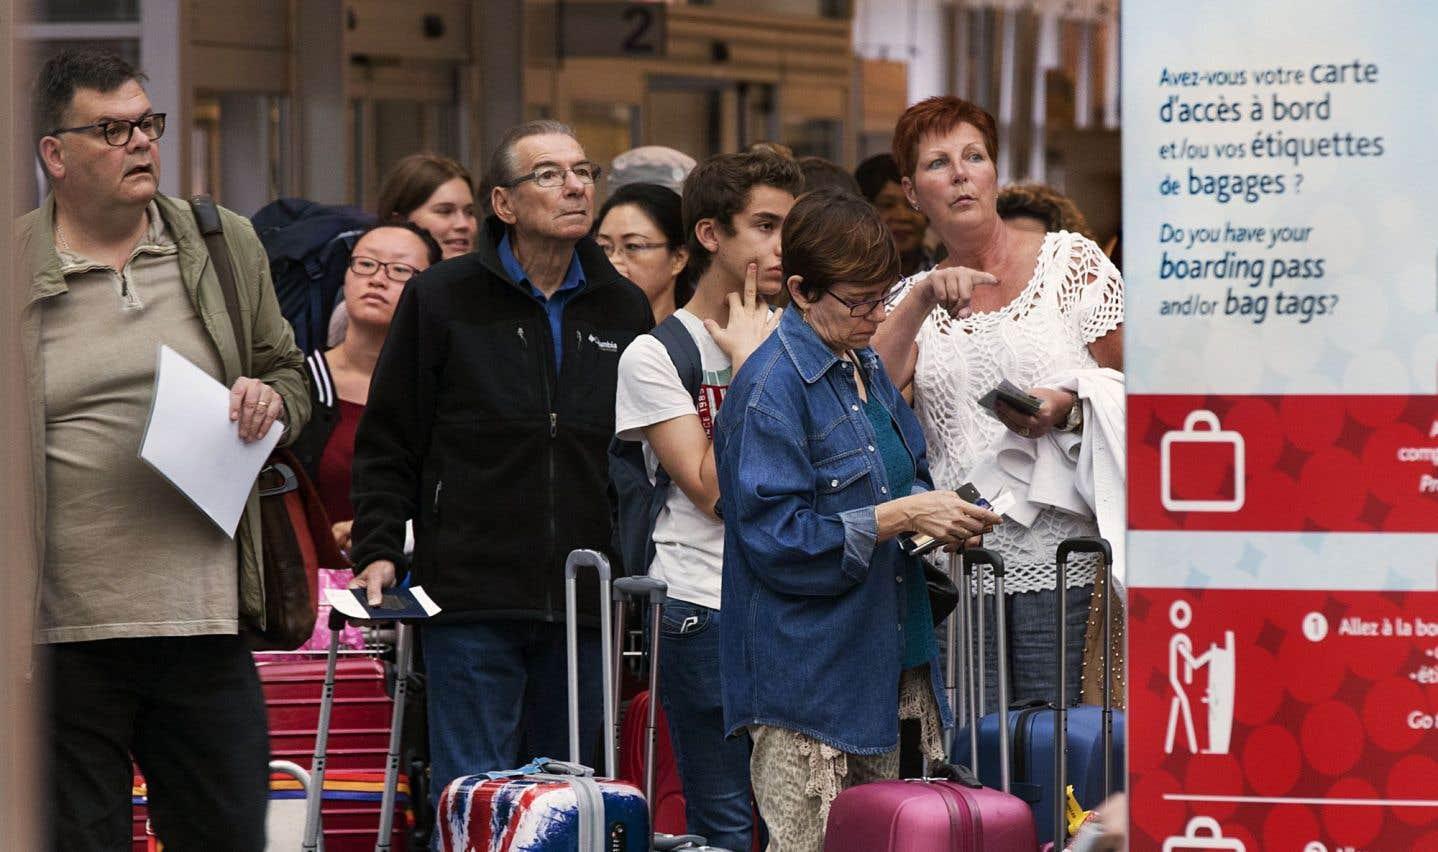 Autopsie d'une relation tumultueuse entre transporteurs aériens et passagers